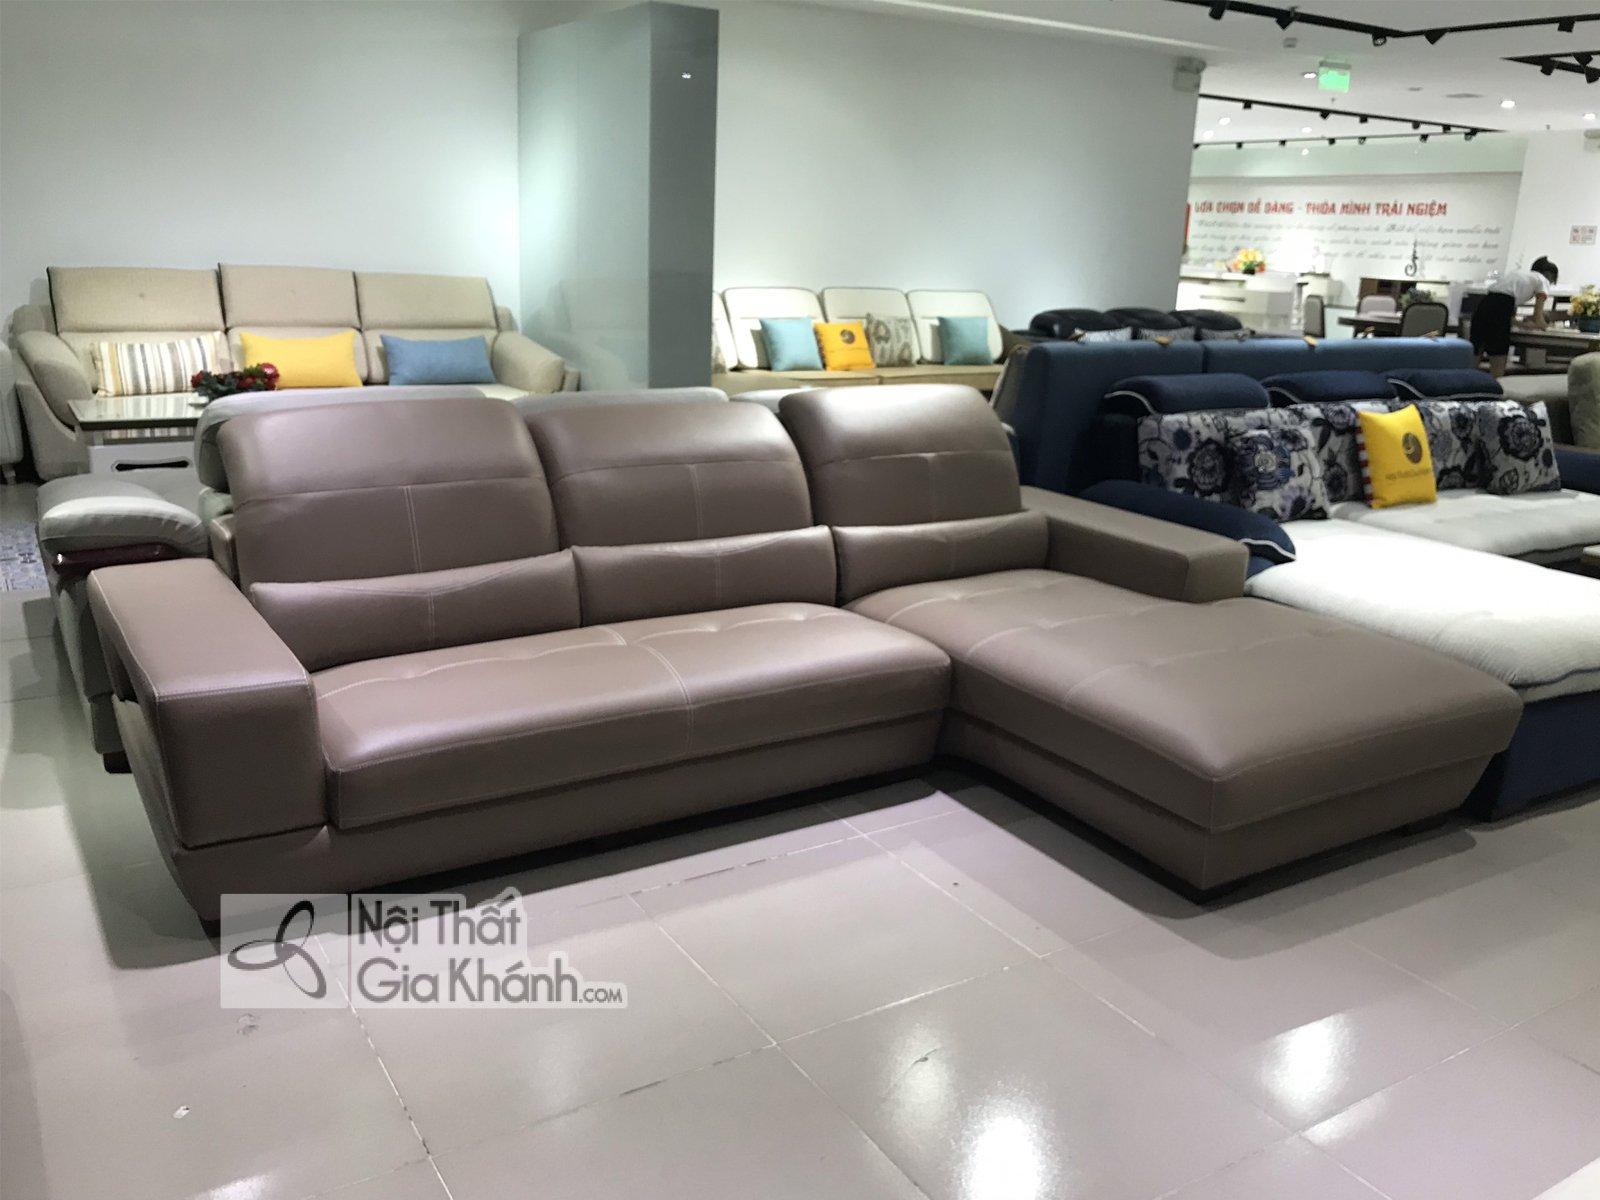 Sofa Da Mau Kem 2 Bang Goc Trai 6757K Sf 4